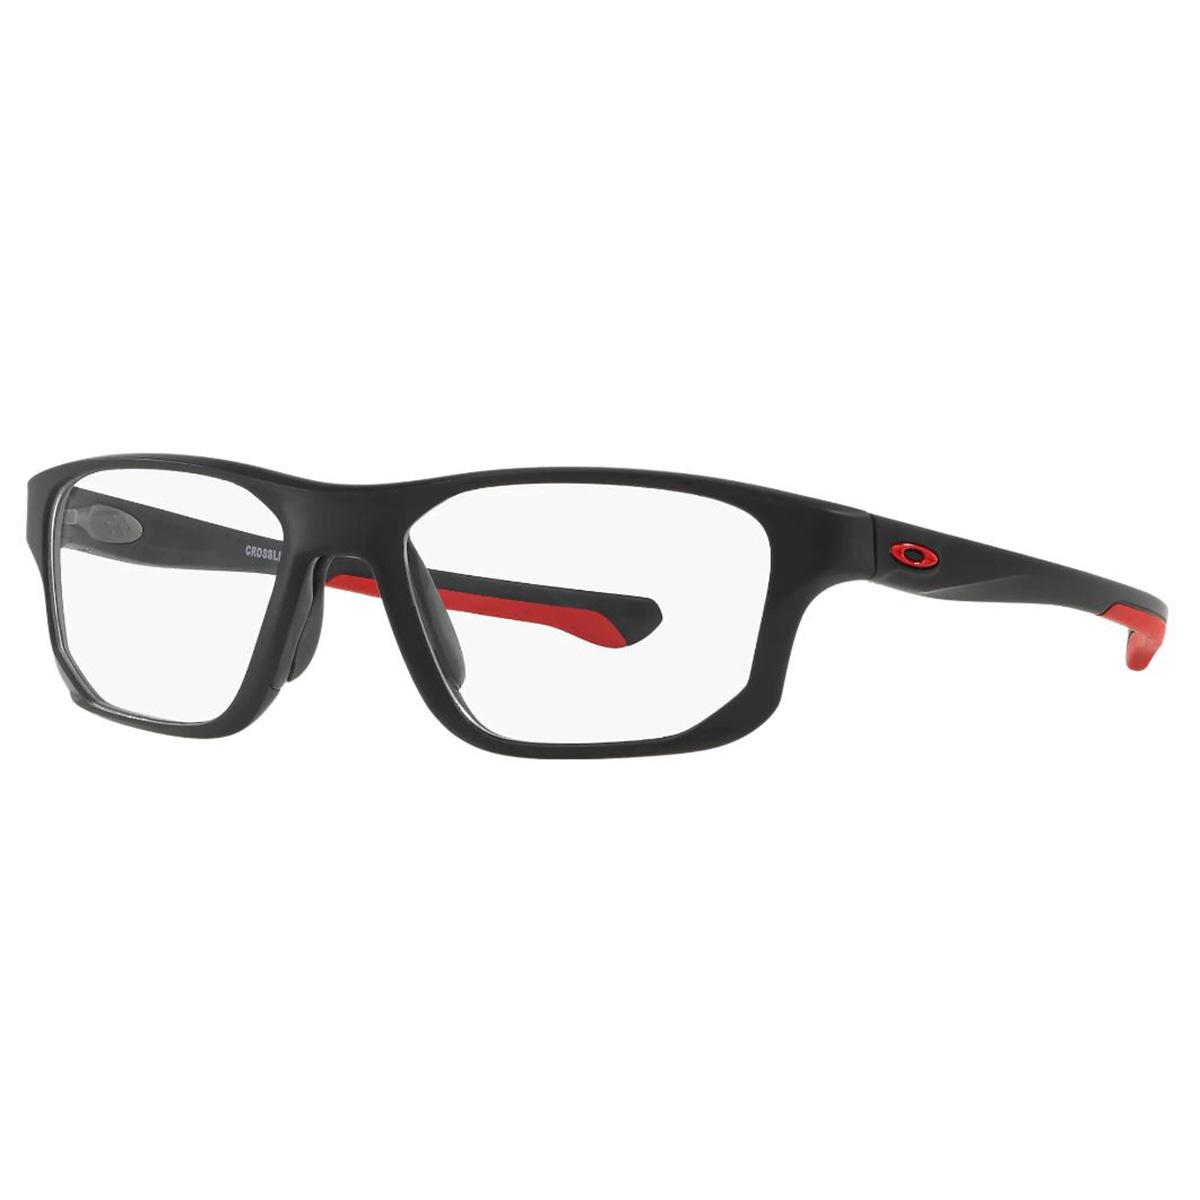 Óculos de Grau Oakley OX8136  Crosslink Fit Preto e Vermelho